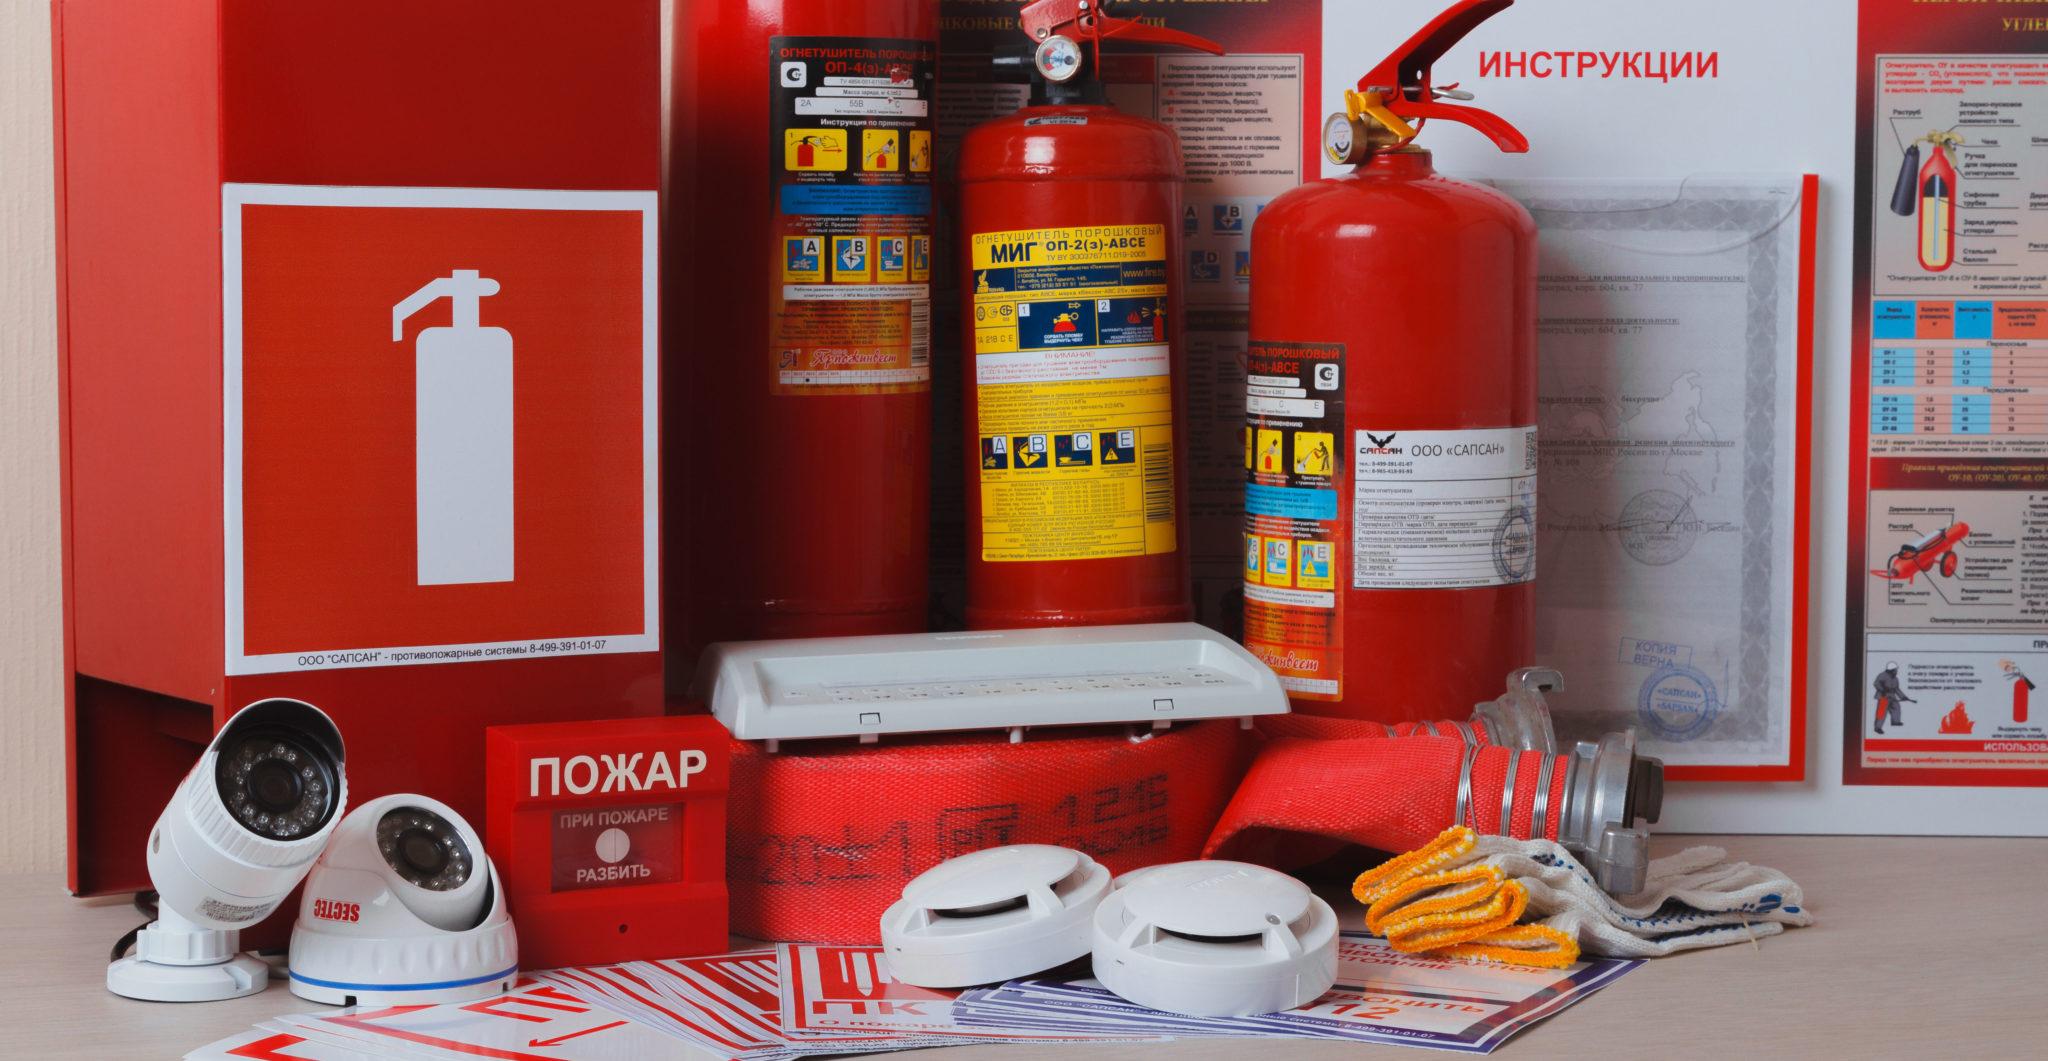 Пожарная безопасность на инклюзивных рабочих местах